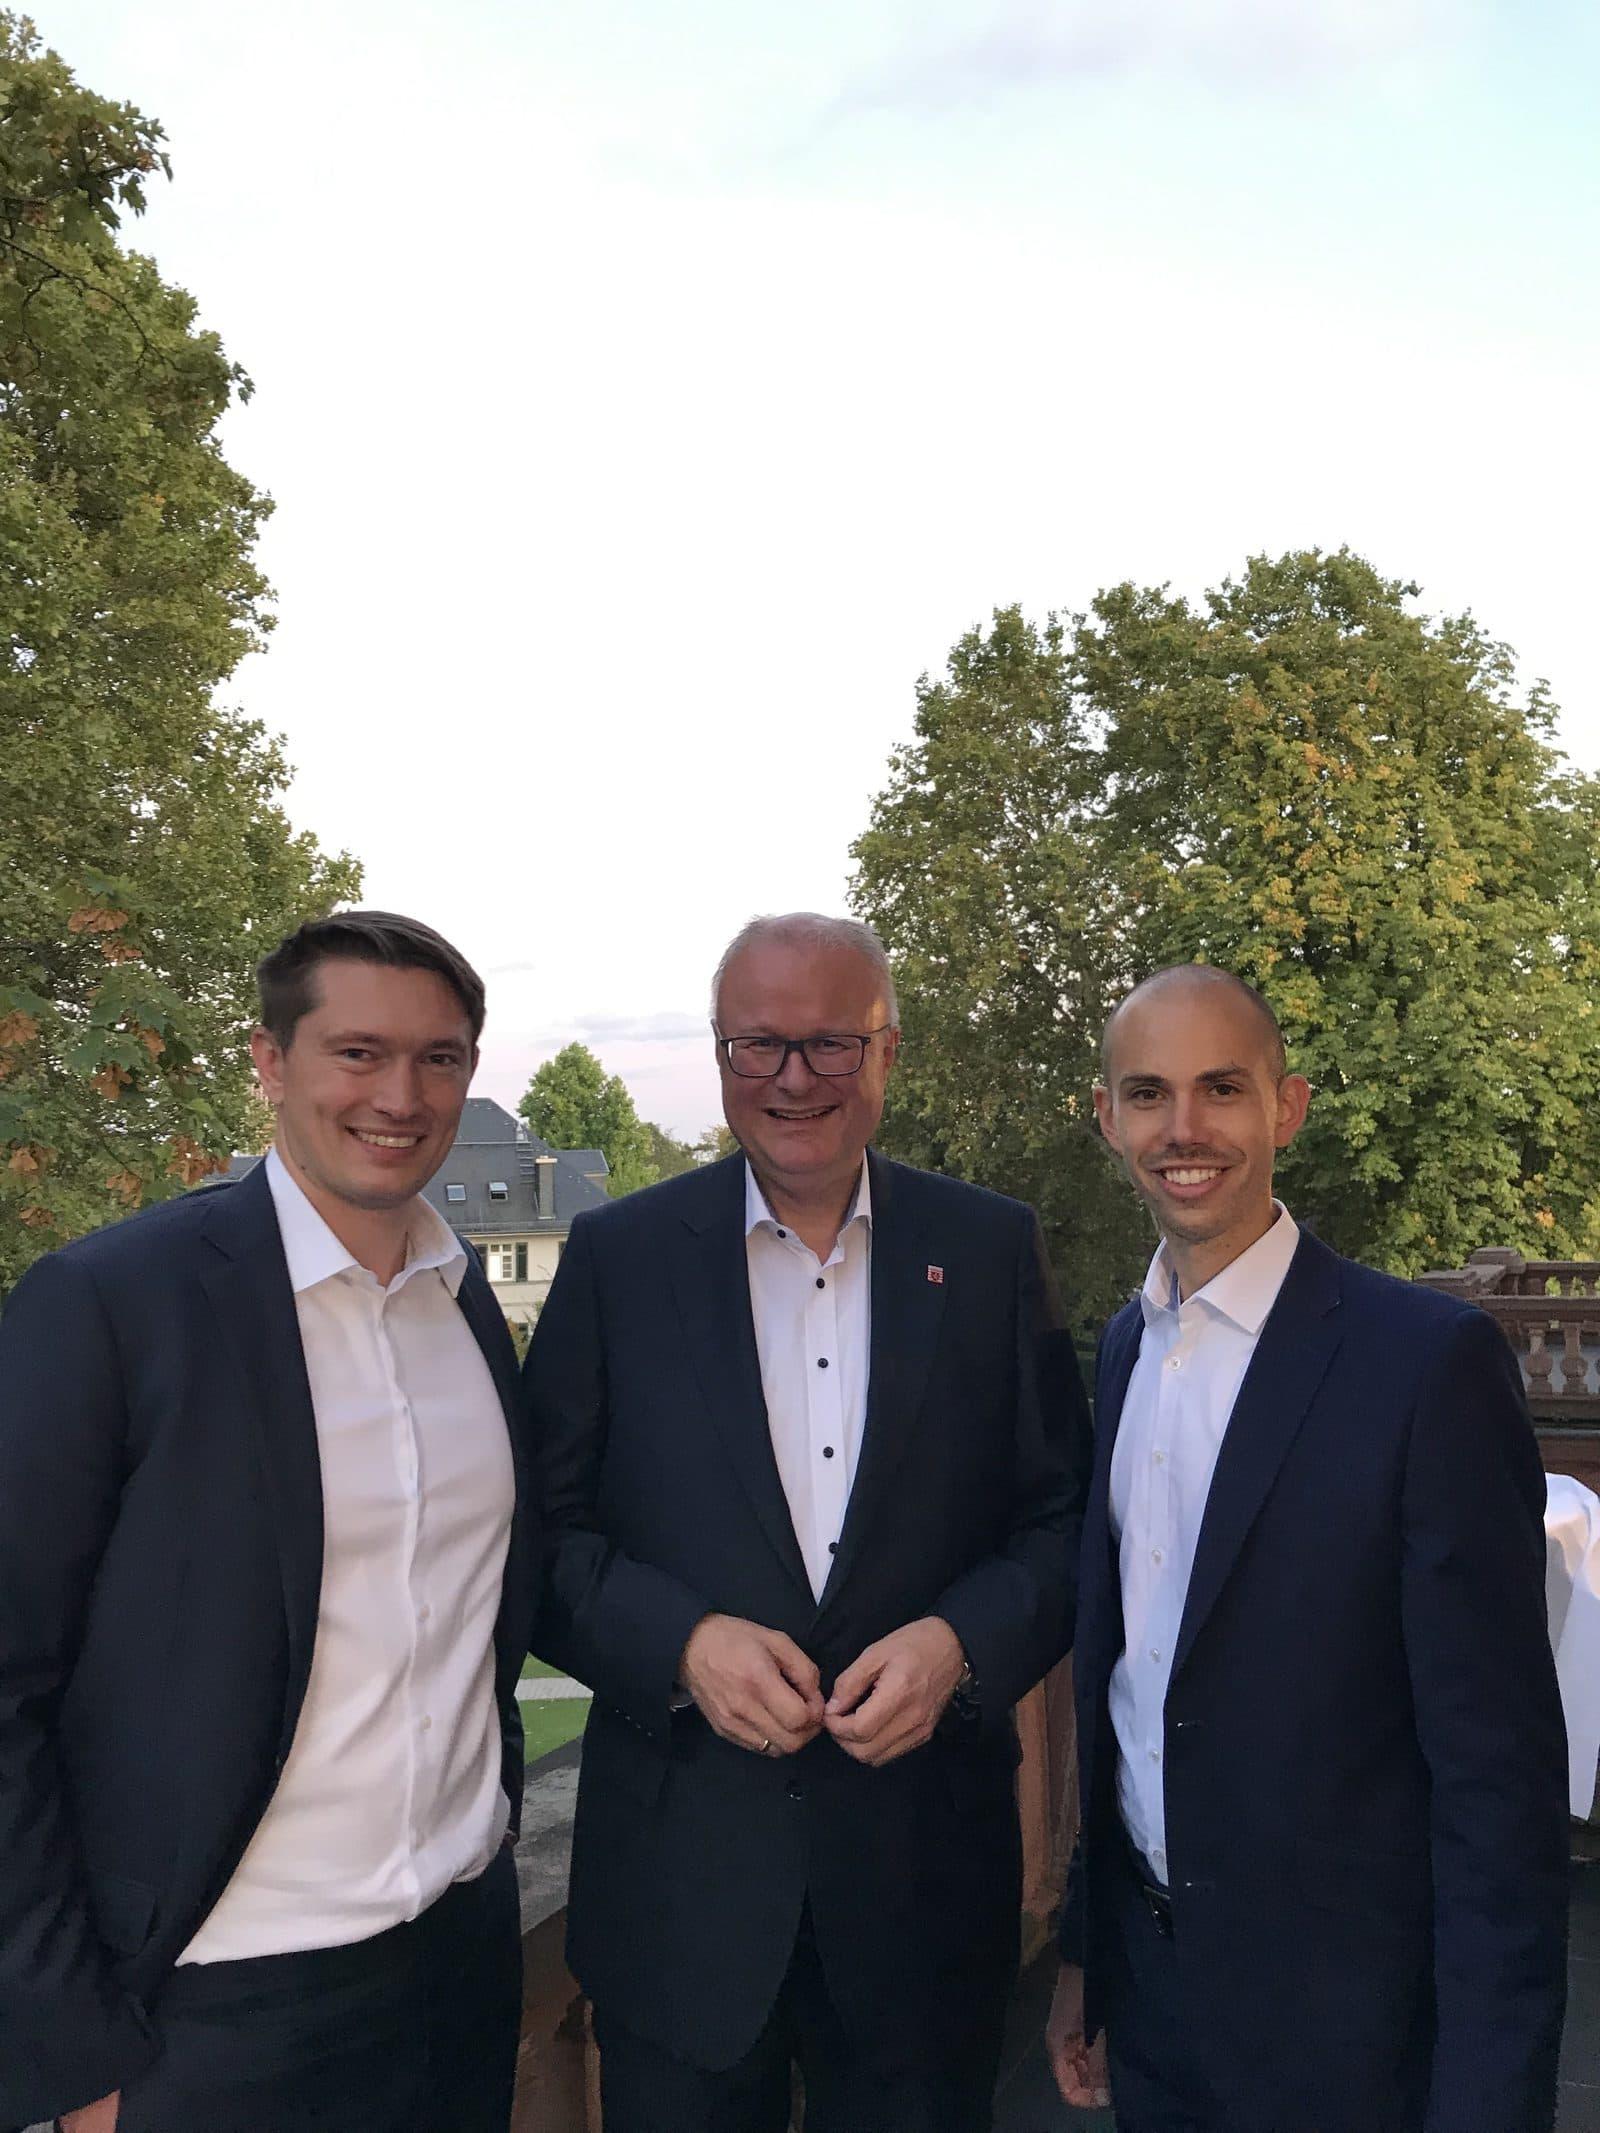 Nachfolgekontor - Julian Will, Fabian Schmidt und Herr Schäfer